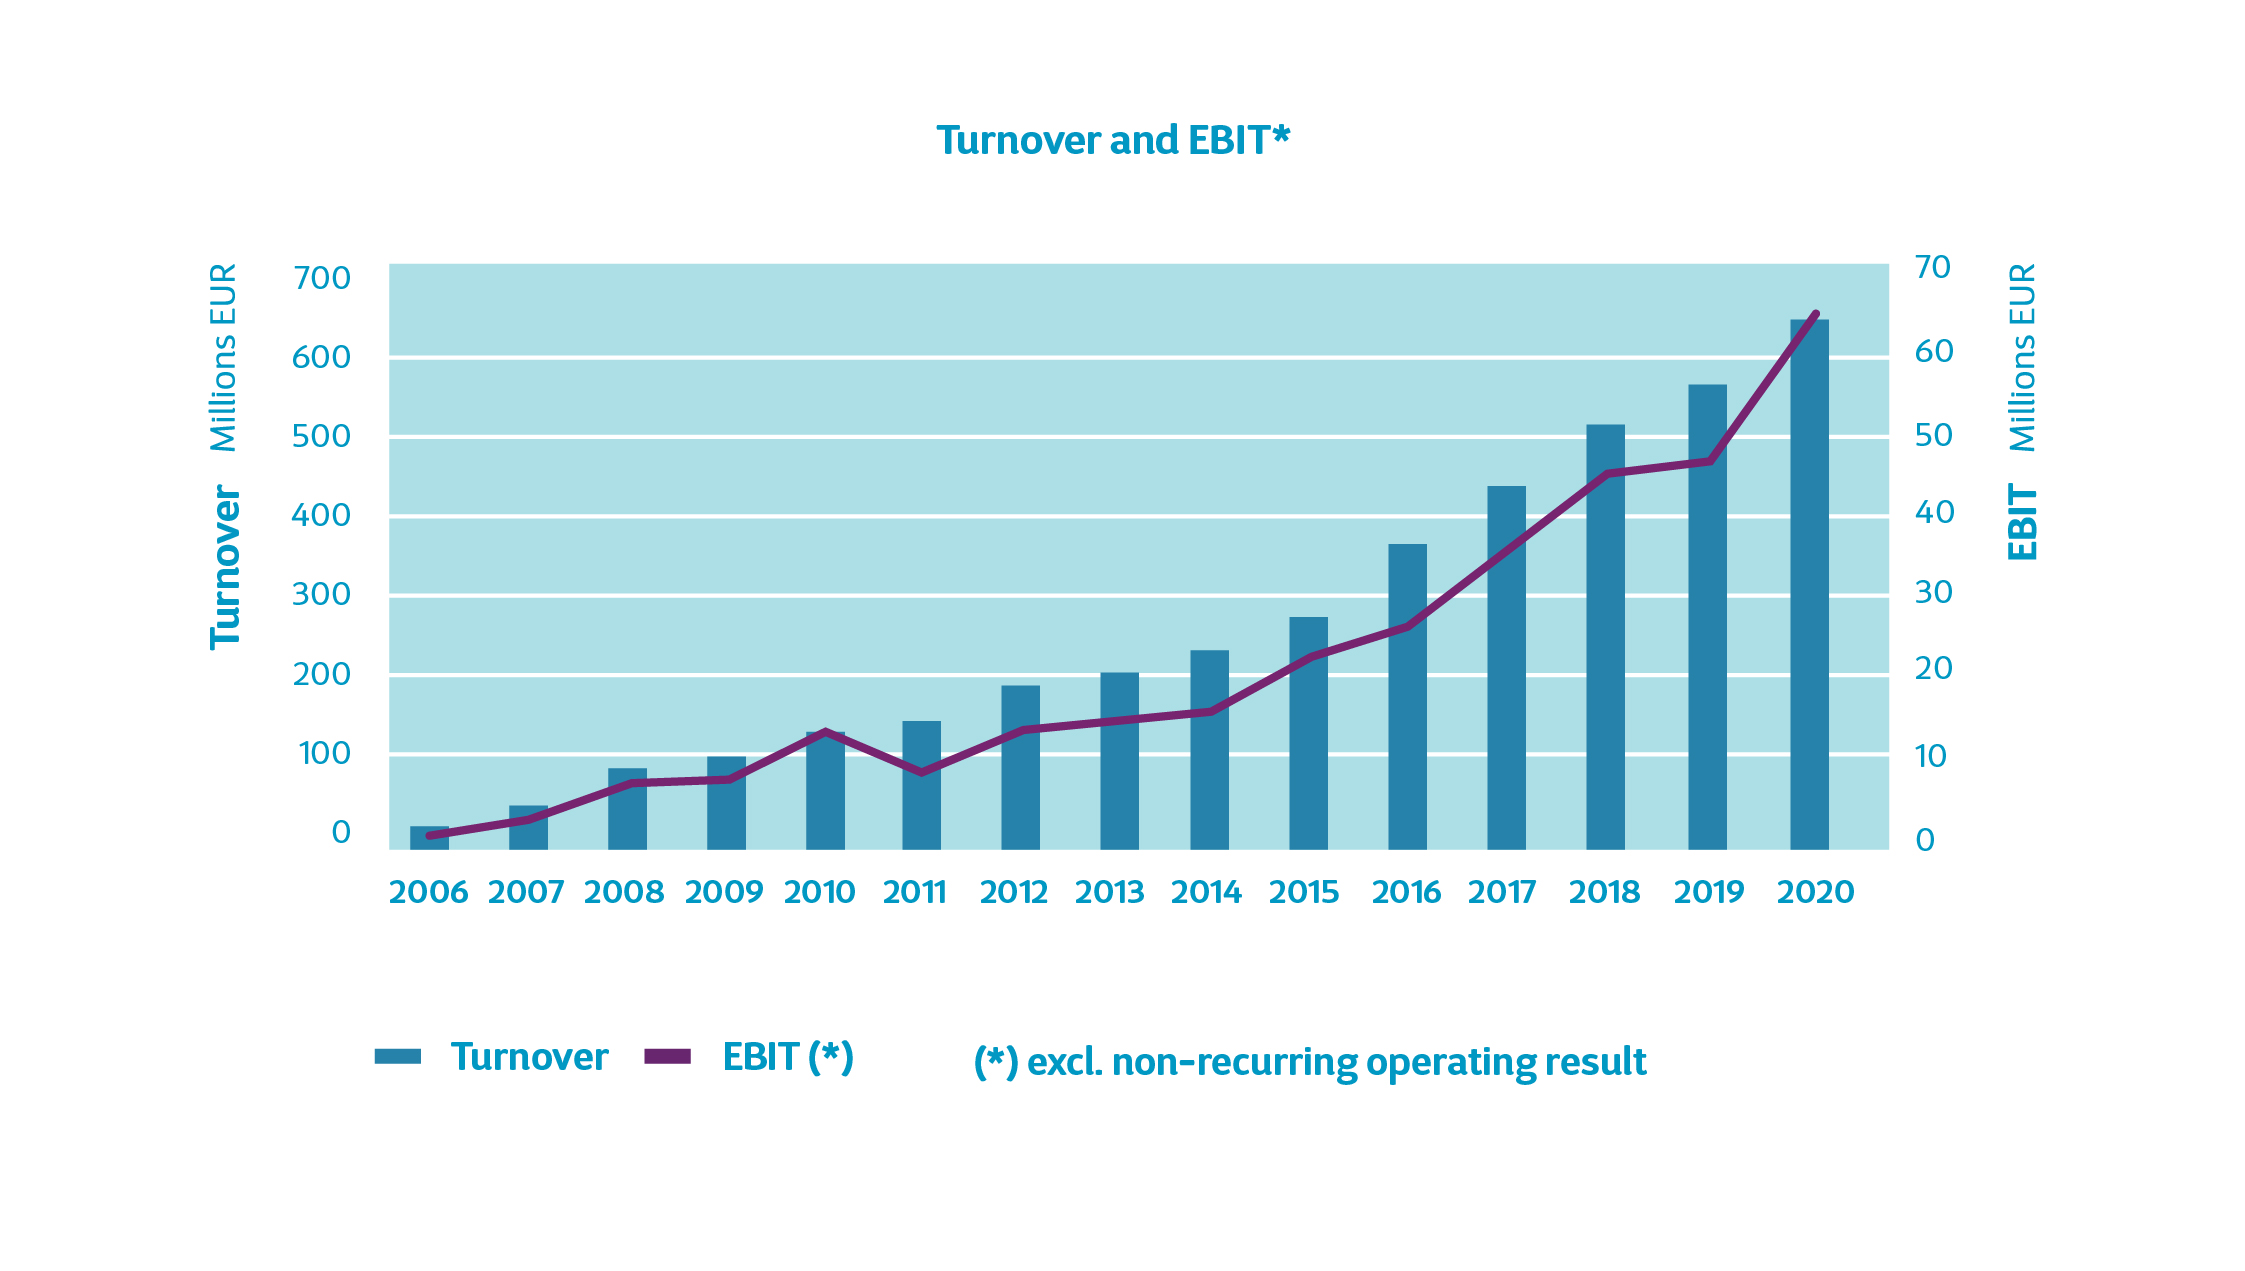 Cegeka wächst erneut: 640 Millionen Euro Umsatz im Jahr 2020